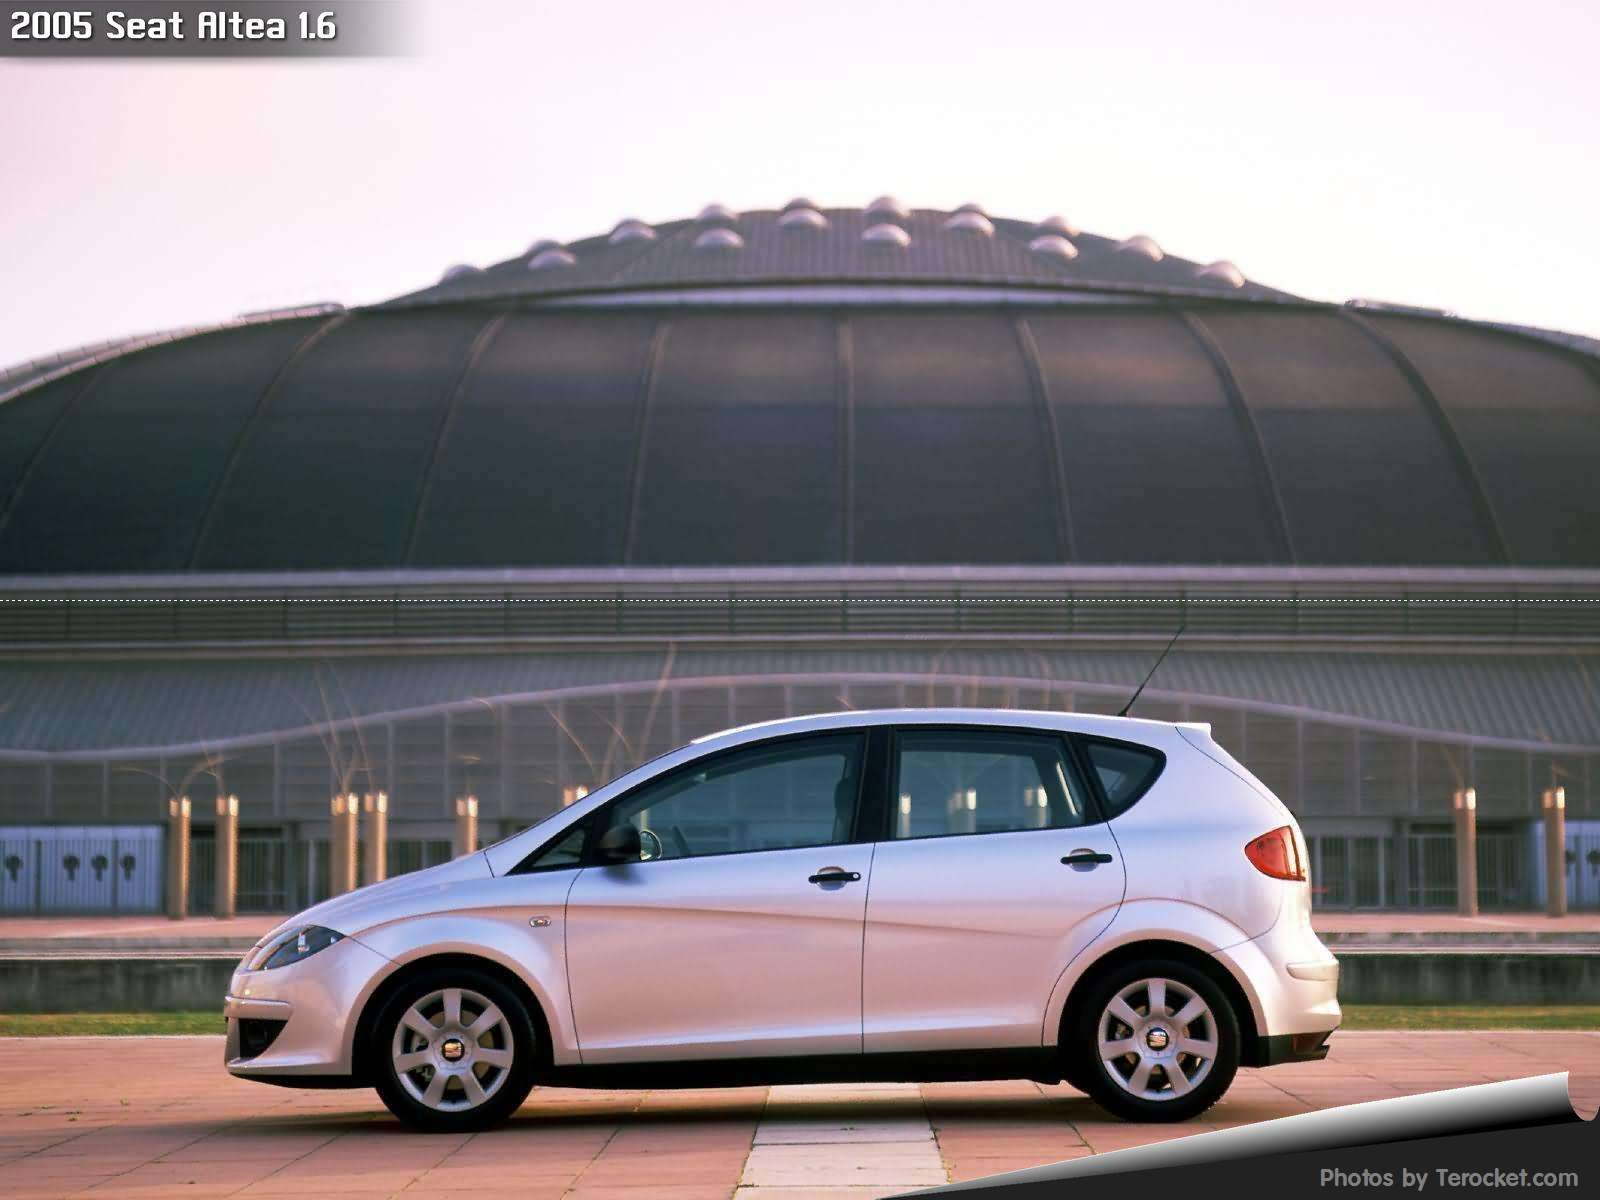 Hình ảnh xe ô tô Seat Altea 1.6 2005 & nội ngoại thất